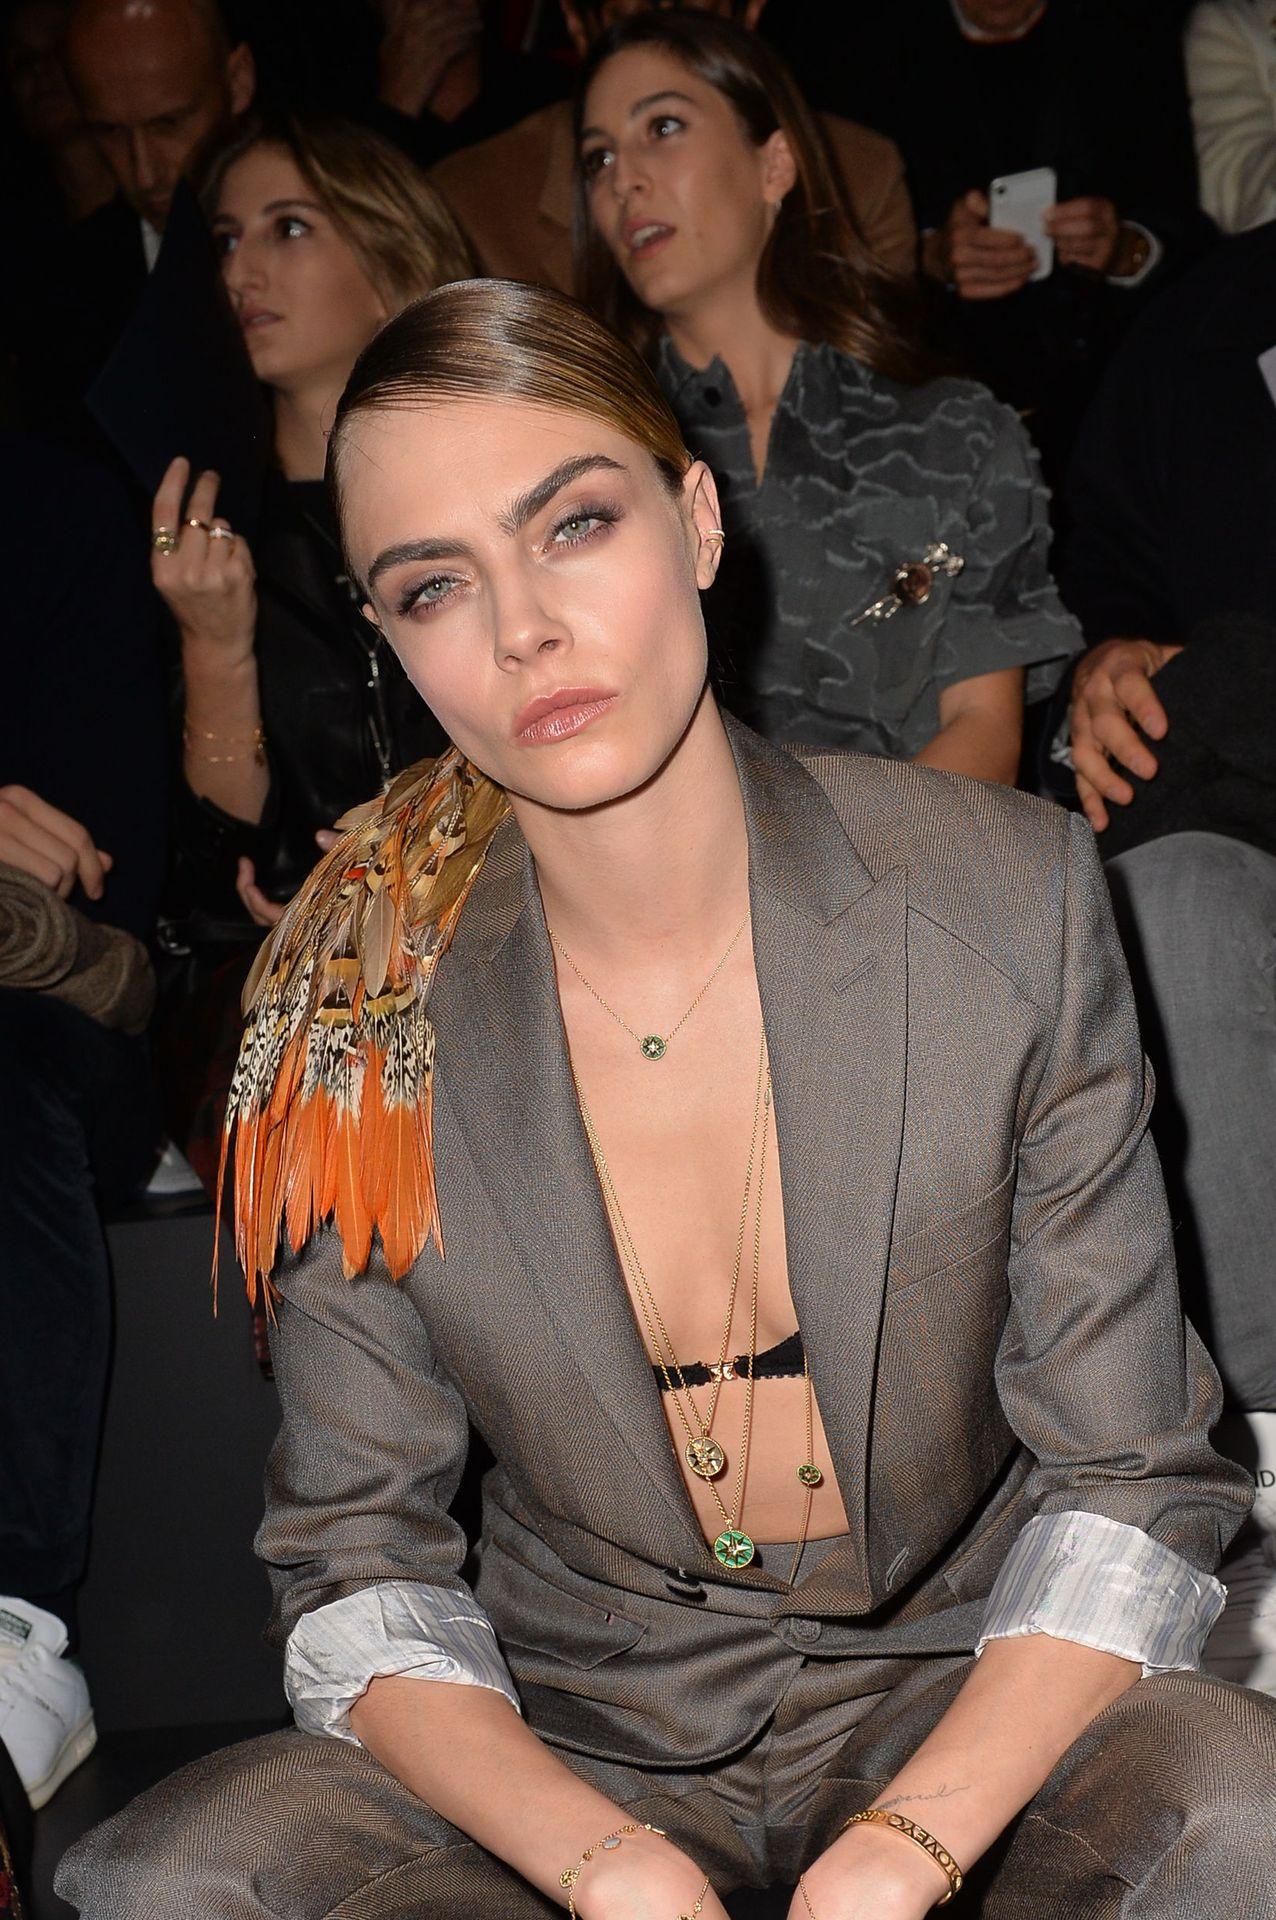 Cara Delevingne's Nipple Peek In A Bra 0016